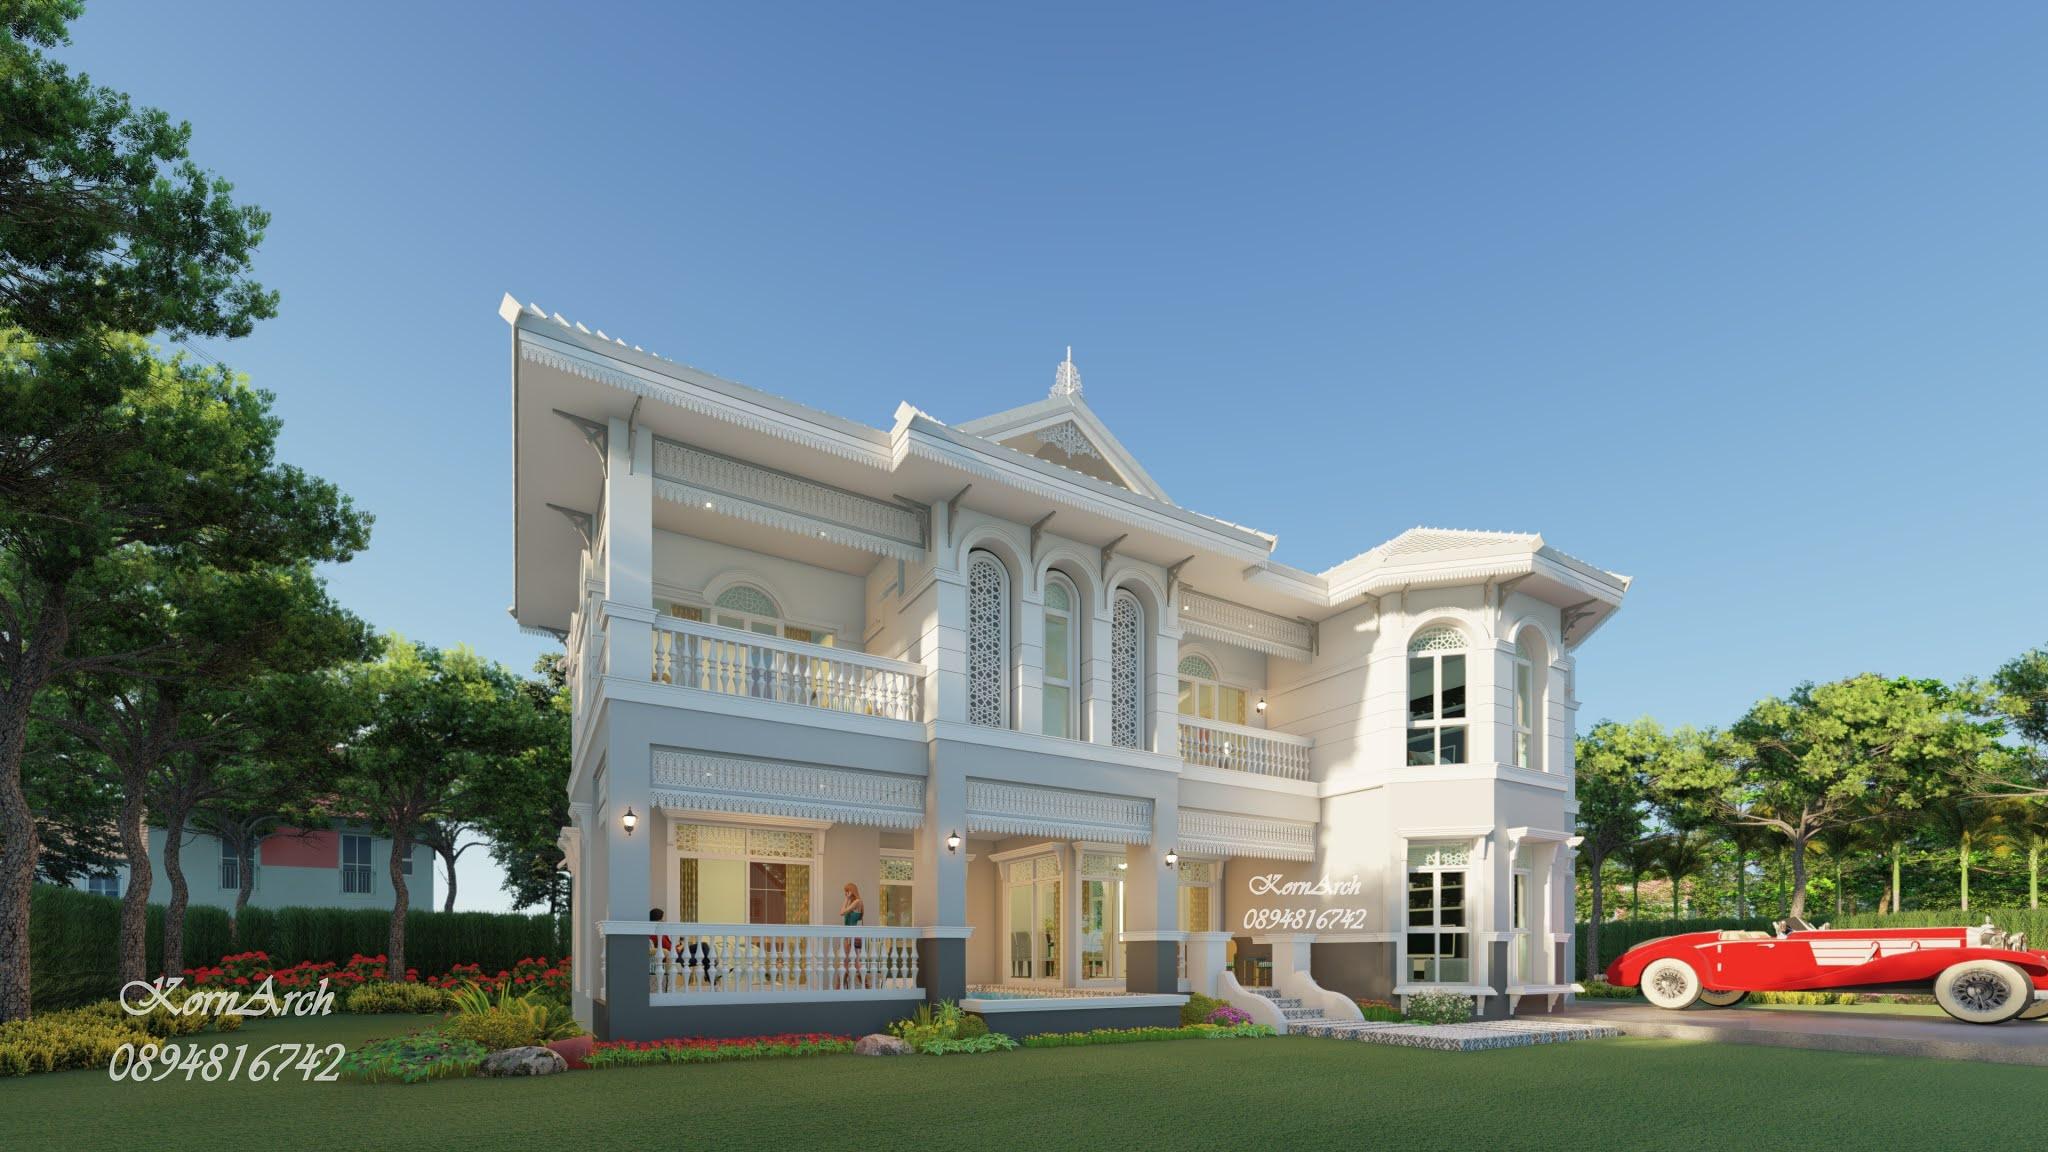 แบบรีสอร์ทสไตล์สไตล์โคโลเนียล คุณธัญญารัตน์ วรรณหม้อ สถานที่ก่อสร้าง อ.บ้านฉาง จ.ระยอง #รับออกแบบบ้าน #เขียนแบบก่อสร้าง #แบบยื่นขออนุญาต #แบบโรงงาน #แบบรีสอร์ท #แบบอพาร์ทเมนท์ #แบบโรงแรม #แบบร้านอาหาร #แบบออฟฟิศ #สถาปนิก 0894816742